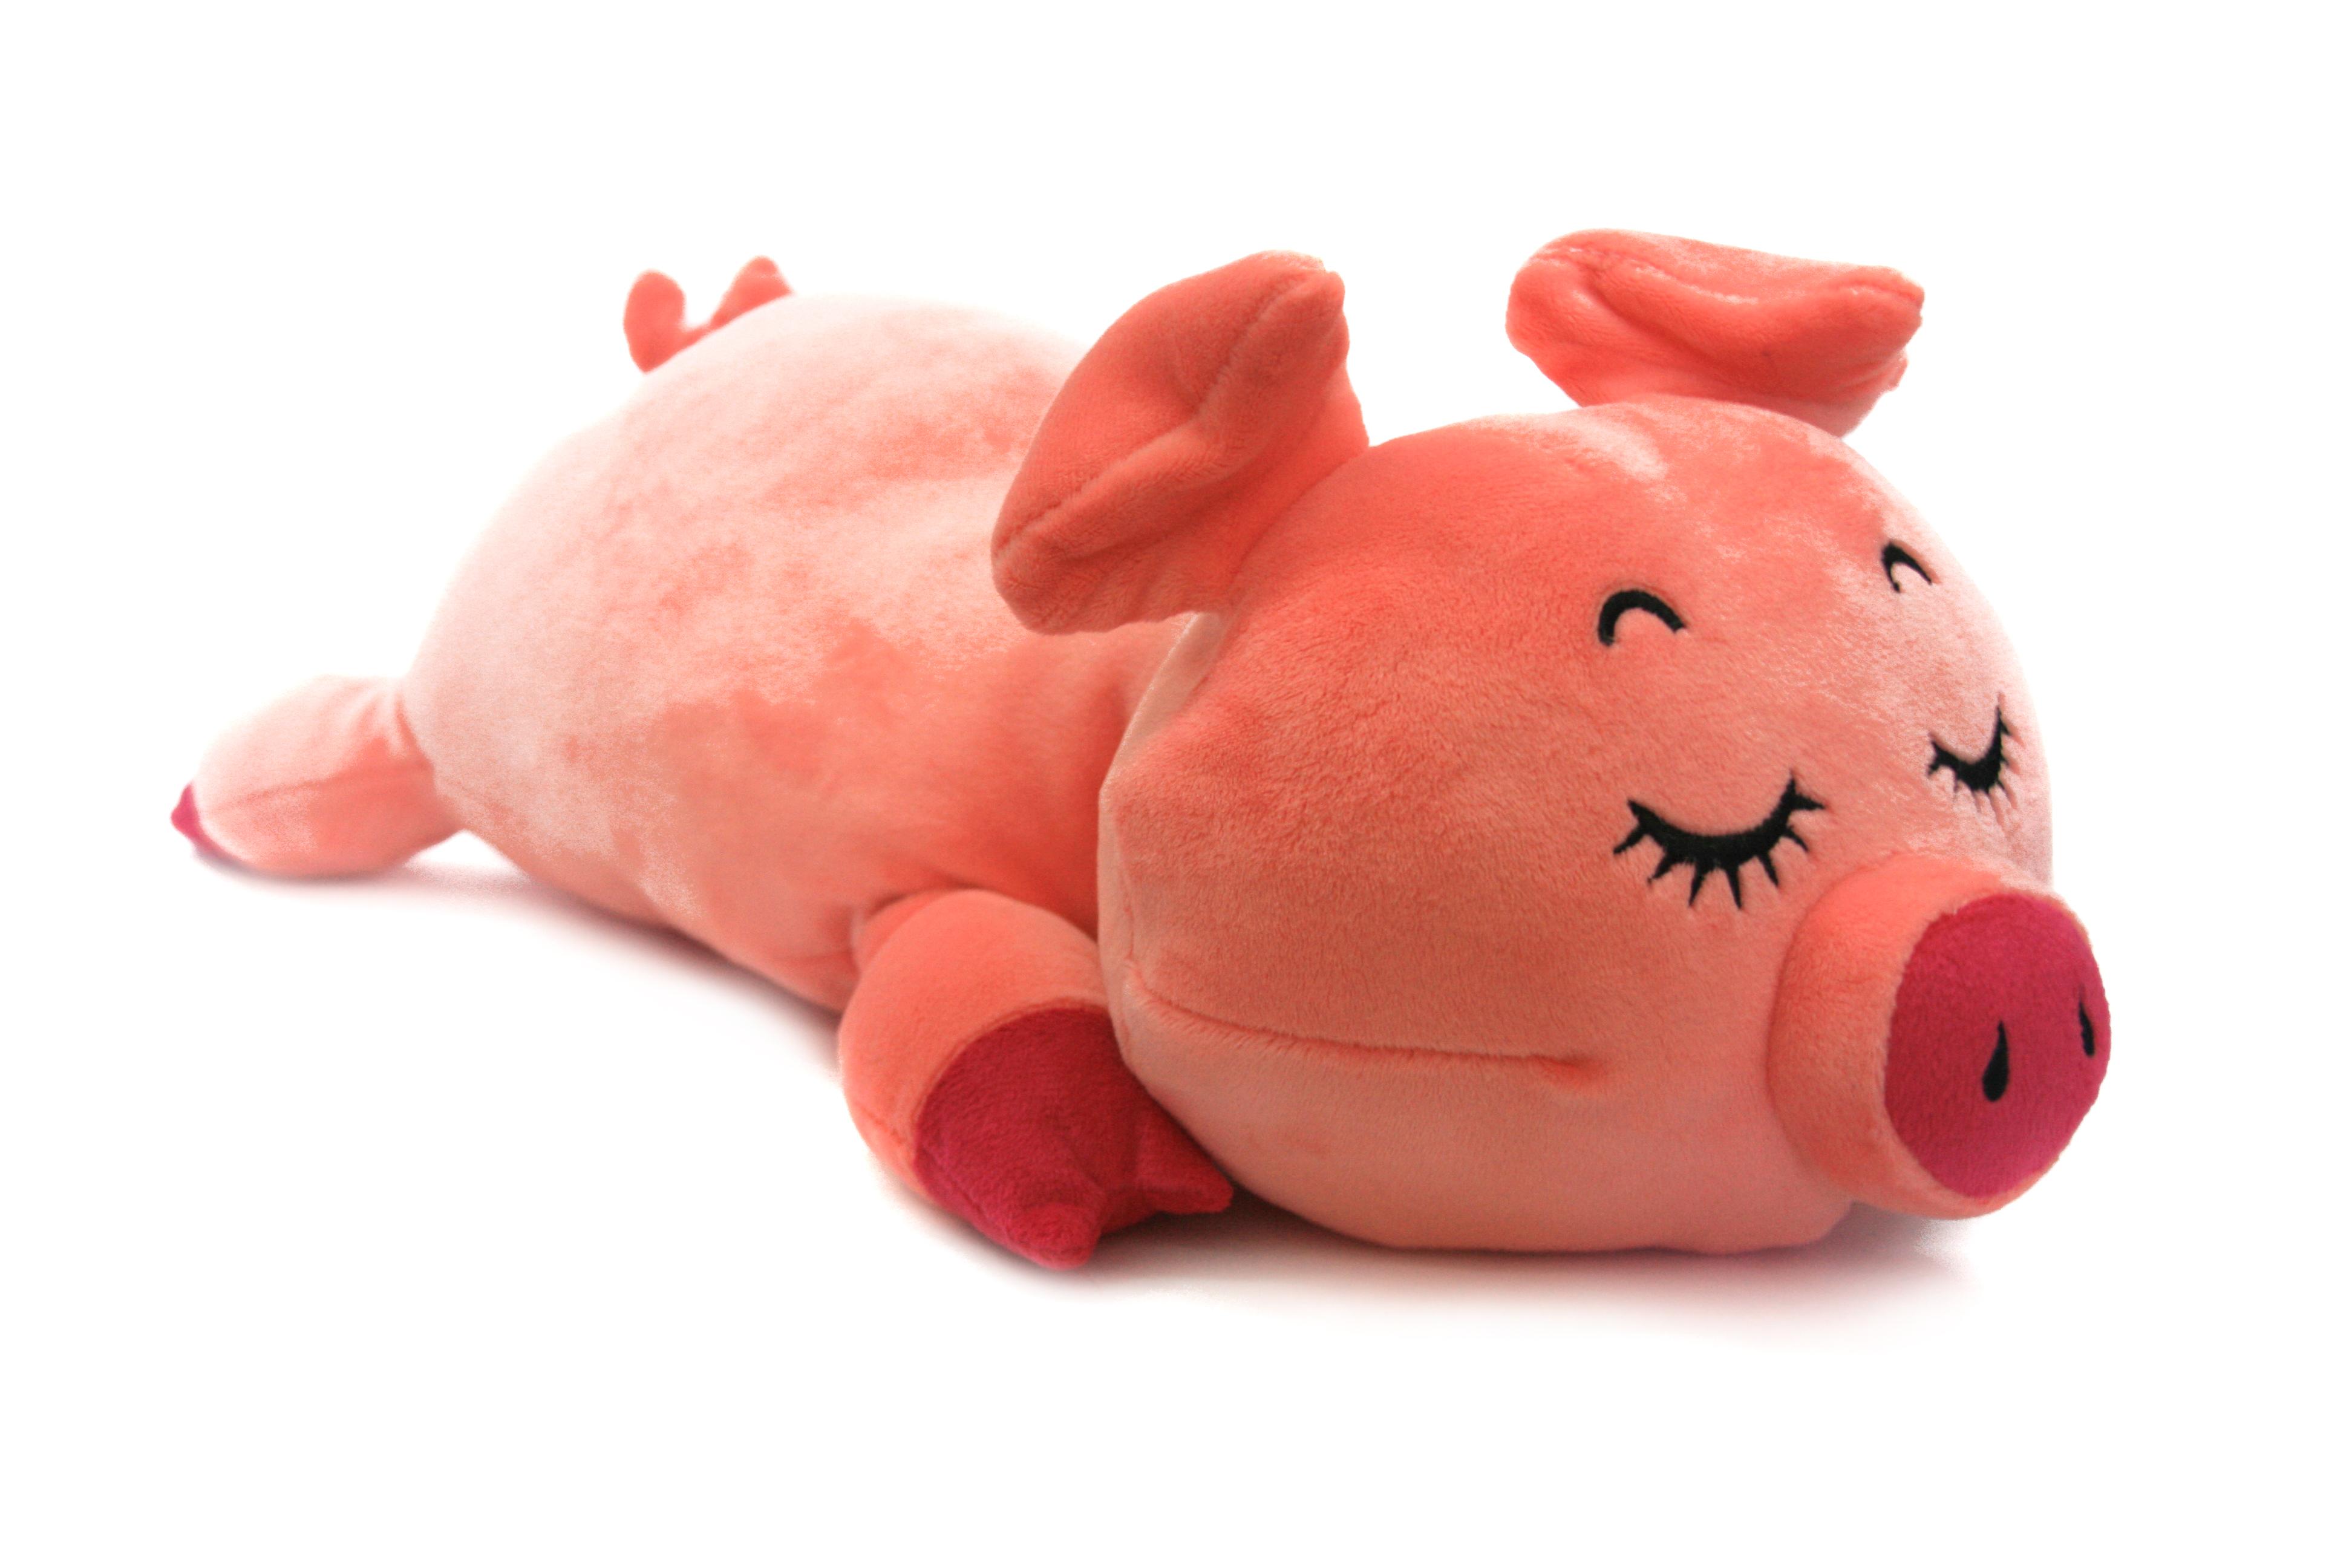 Мягкая игрушка СмолТойс Поросенок Слиппи мягкая игрушка поросенок 35 см